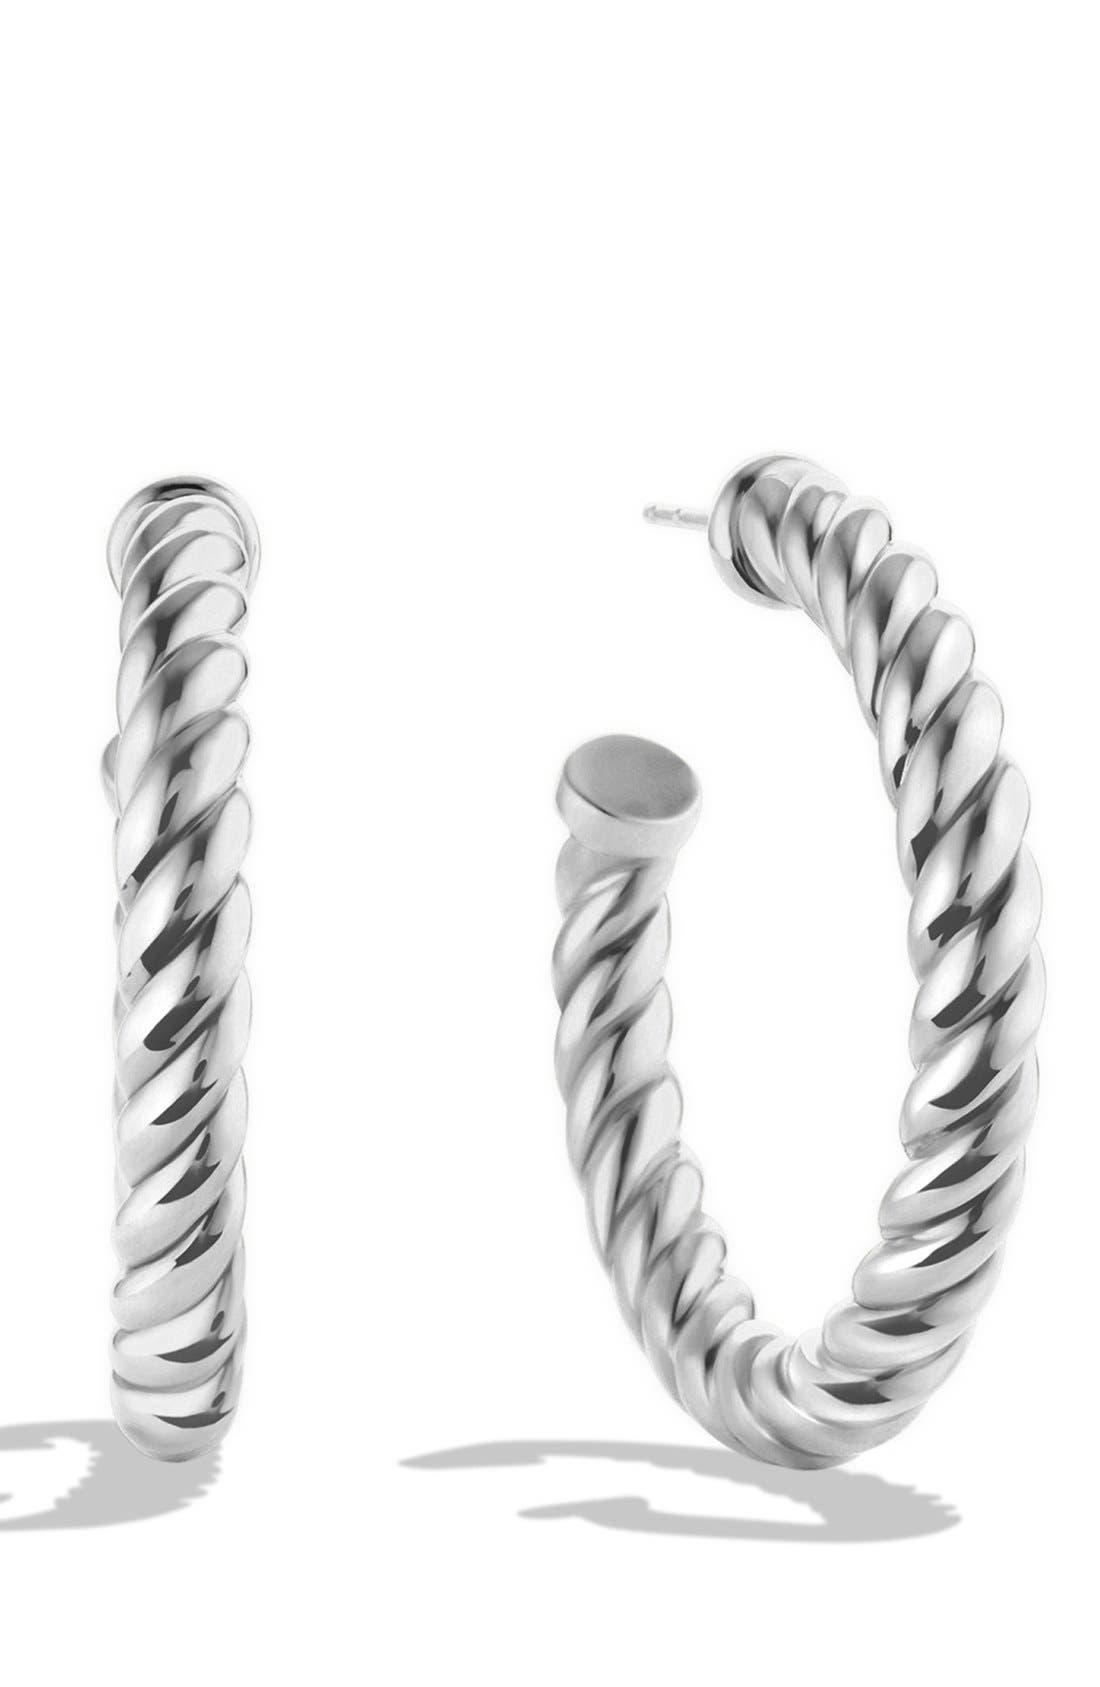 DAVID YURMAN 'Cable Classics' Hoop Earrings, Main, color, SILVER